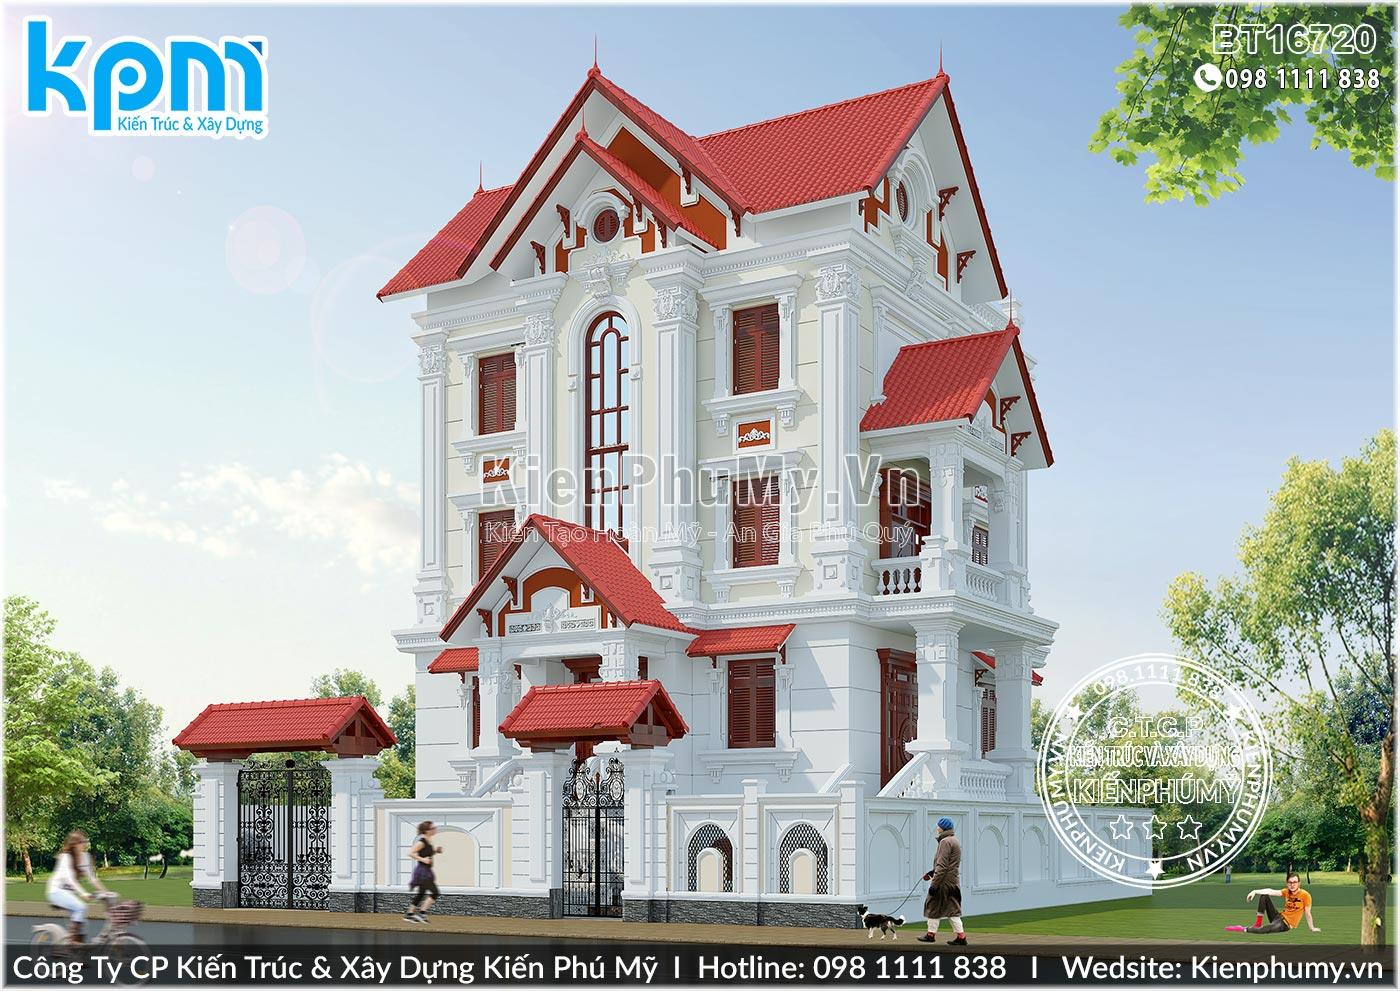 Mẫu nhà biệt thự tân cổ điển 4 tầng 2 mặt tiền lộng lẫy